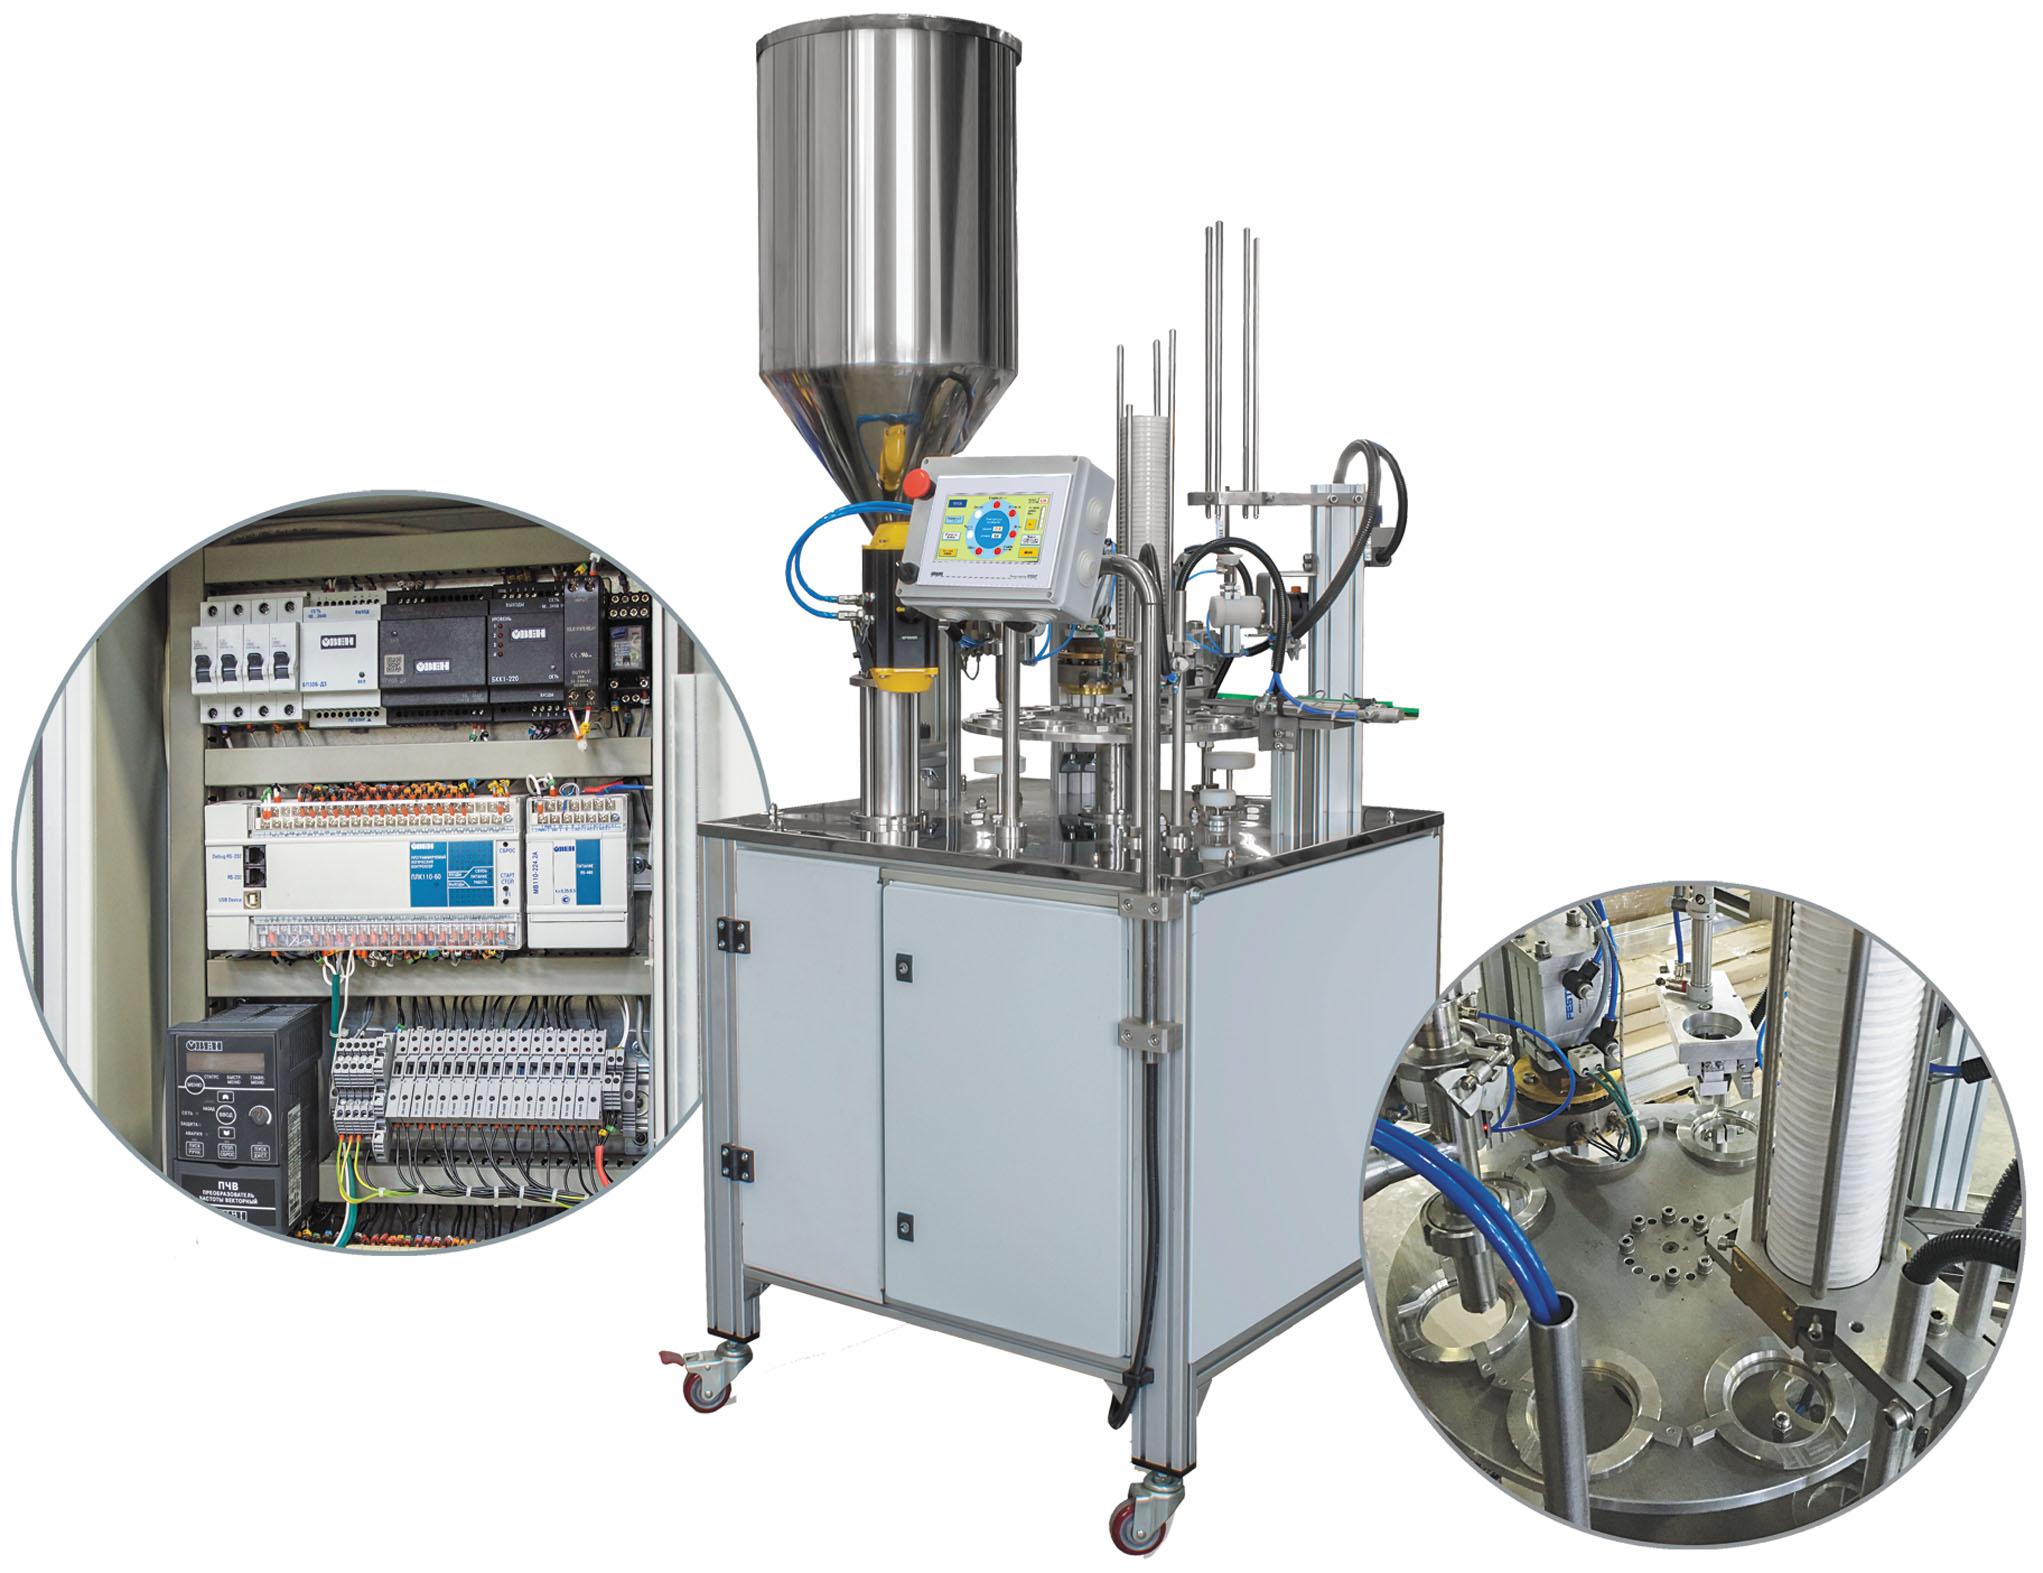 Рис. 1. Полуавтоматический станок для фасовки жидких продуктов АДНК-8-80-1600